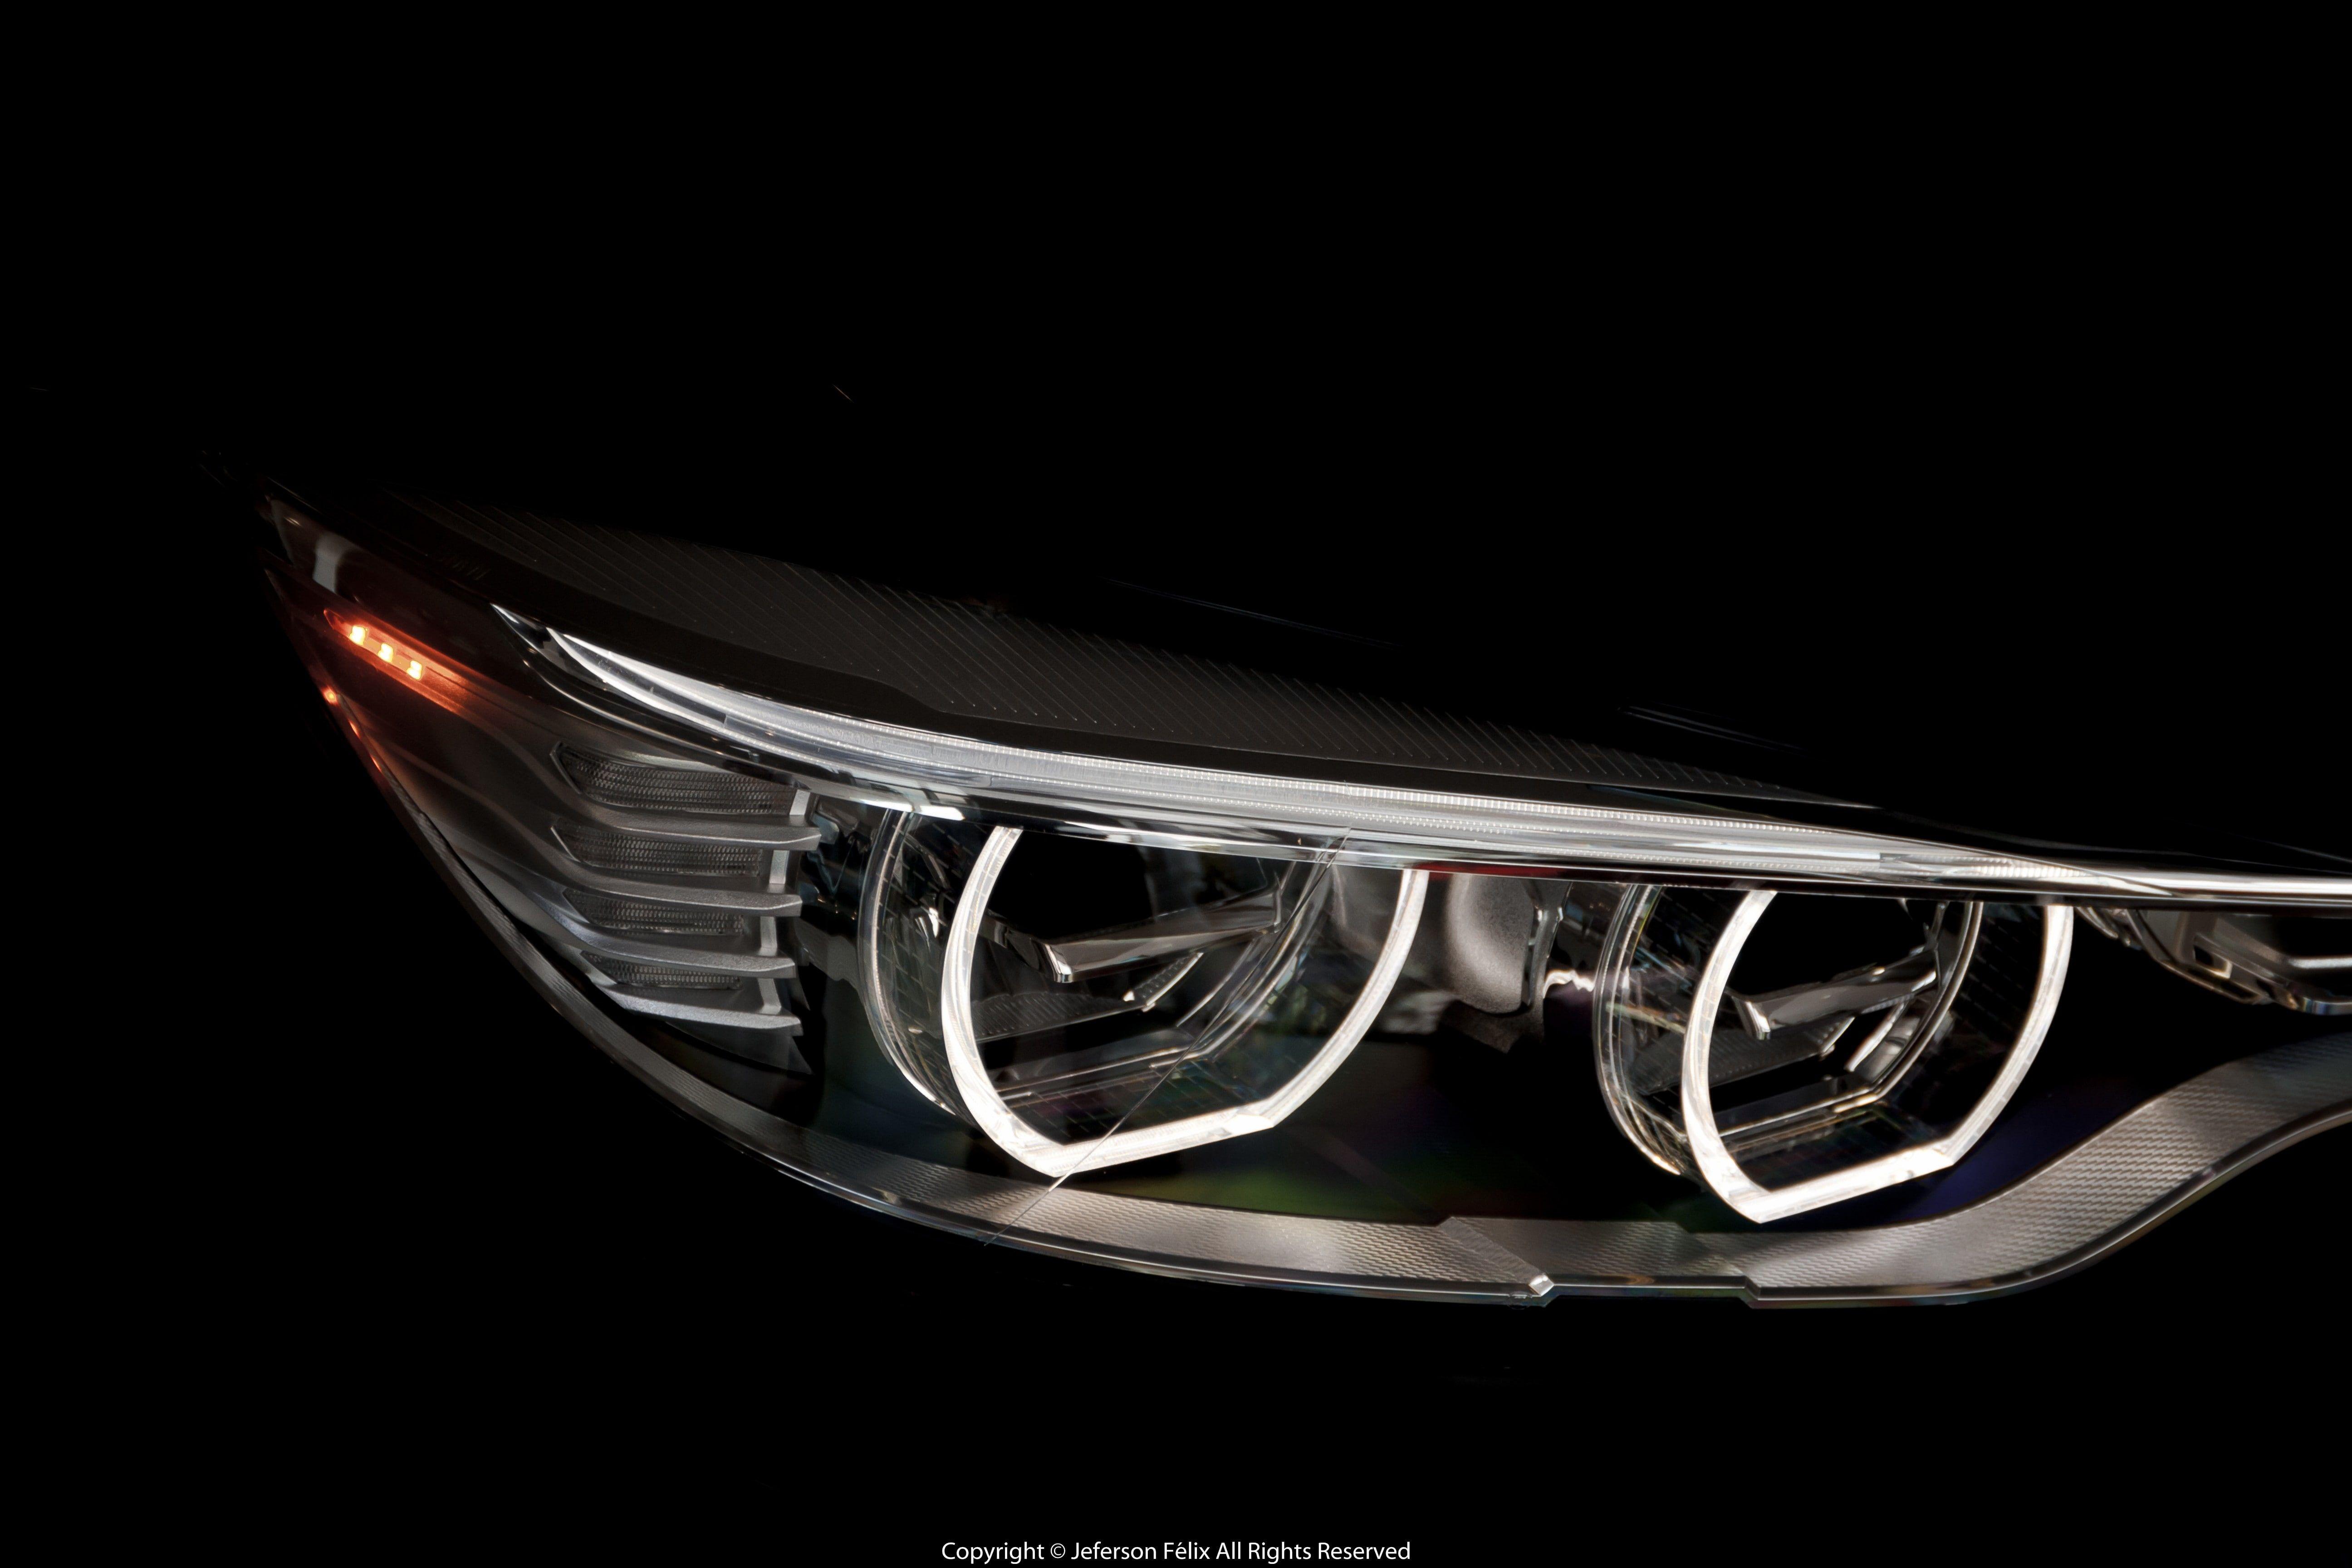 car BMW BMW M3 BMW F30 M3 5K wallpaper hdwallpaper